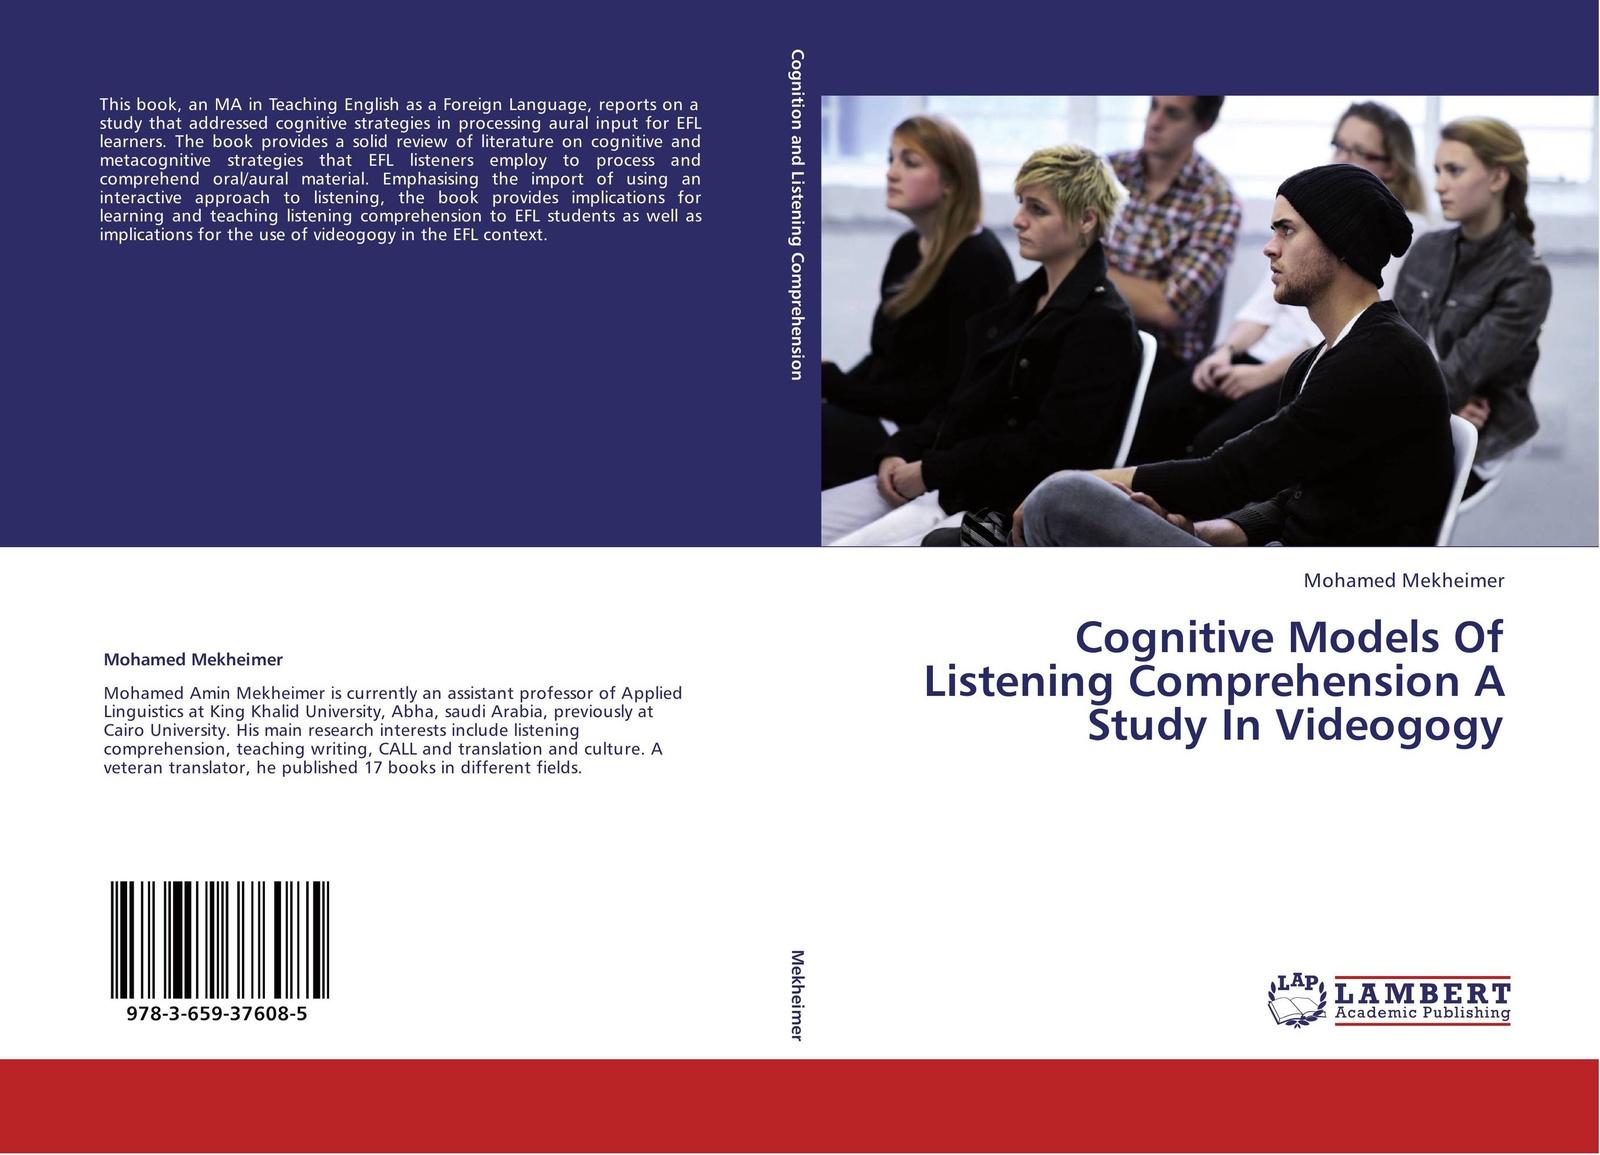 Mohamed Mekheimer Cognitive Models Of Listening Comprehension A Study In Videogogy flow in games aural conditioning